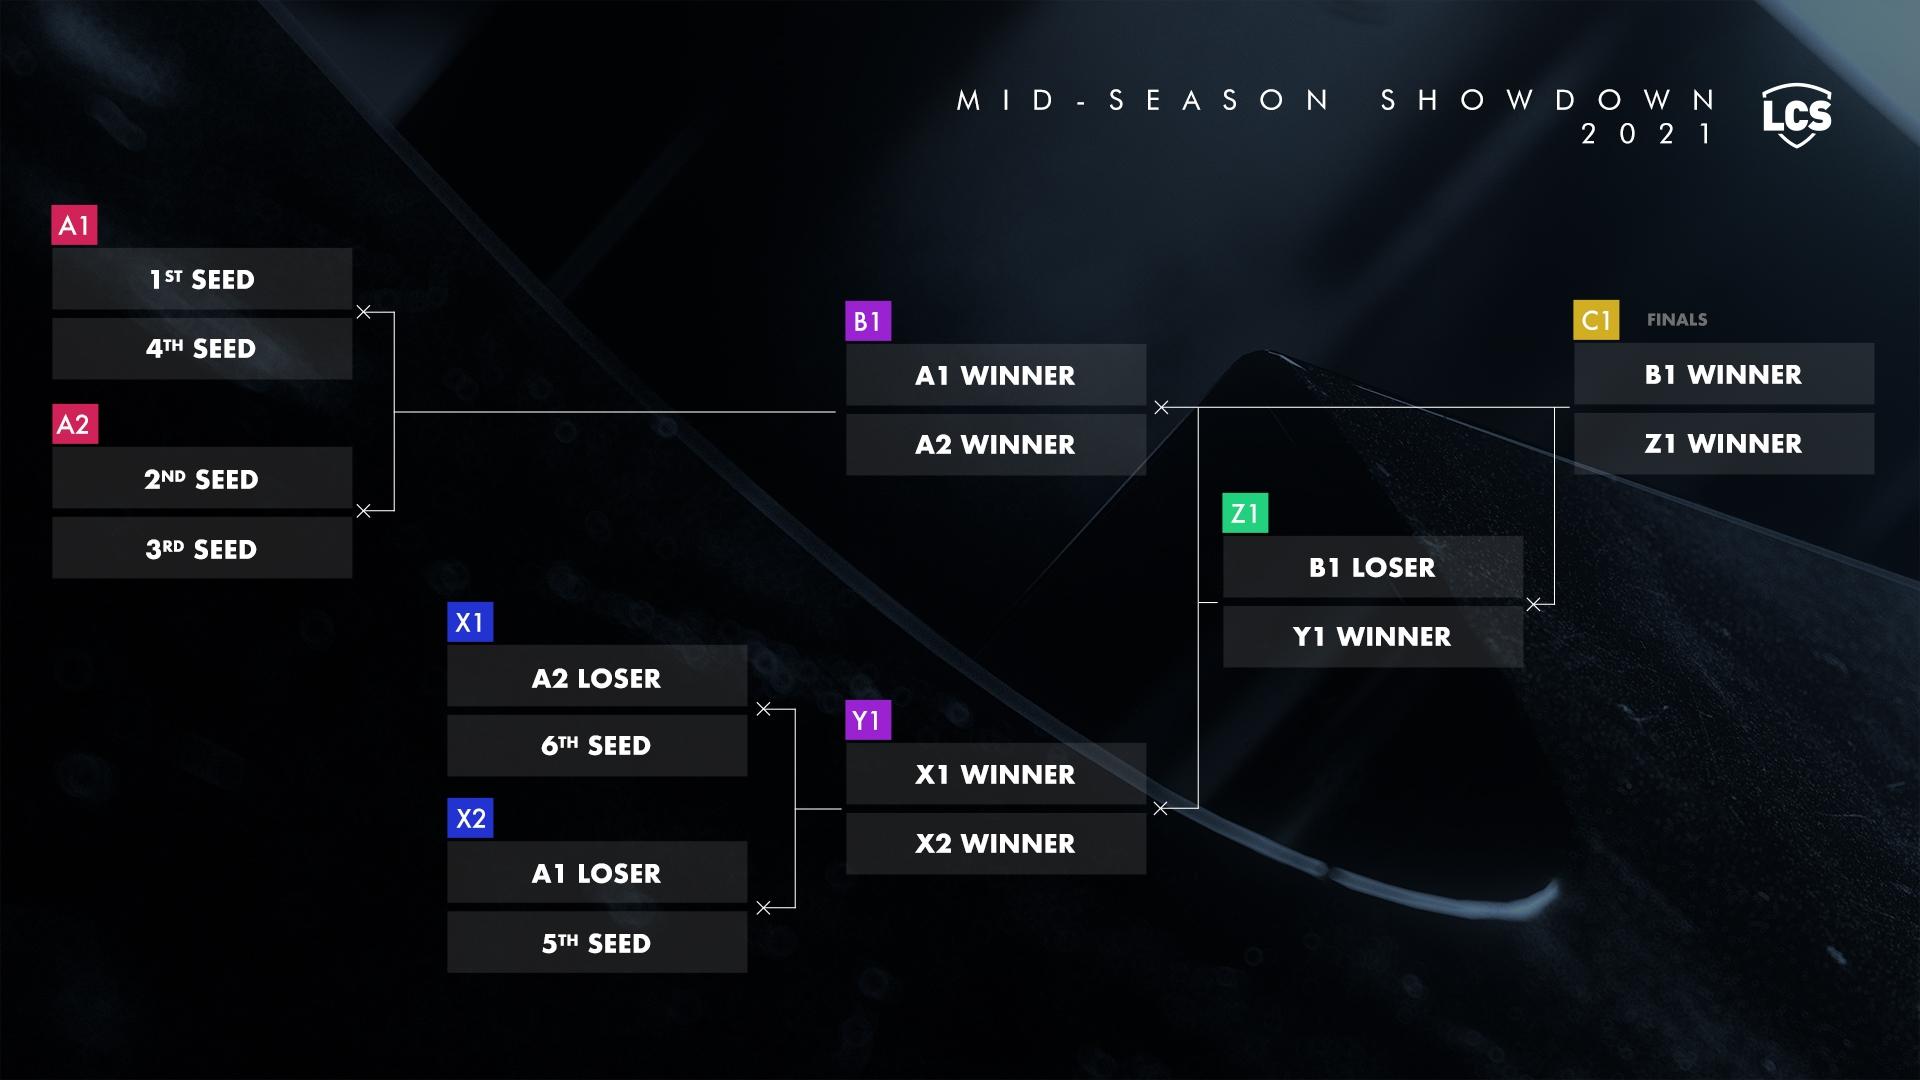 mid season showdown lcs 2021